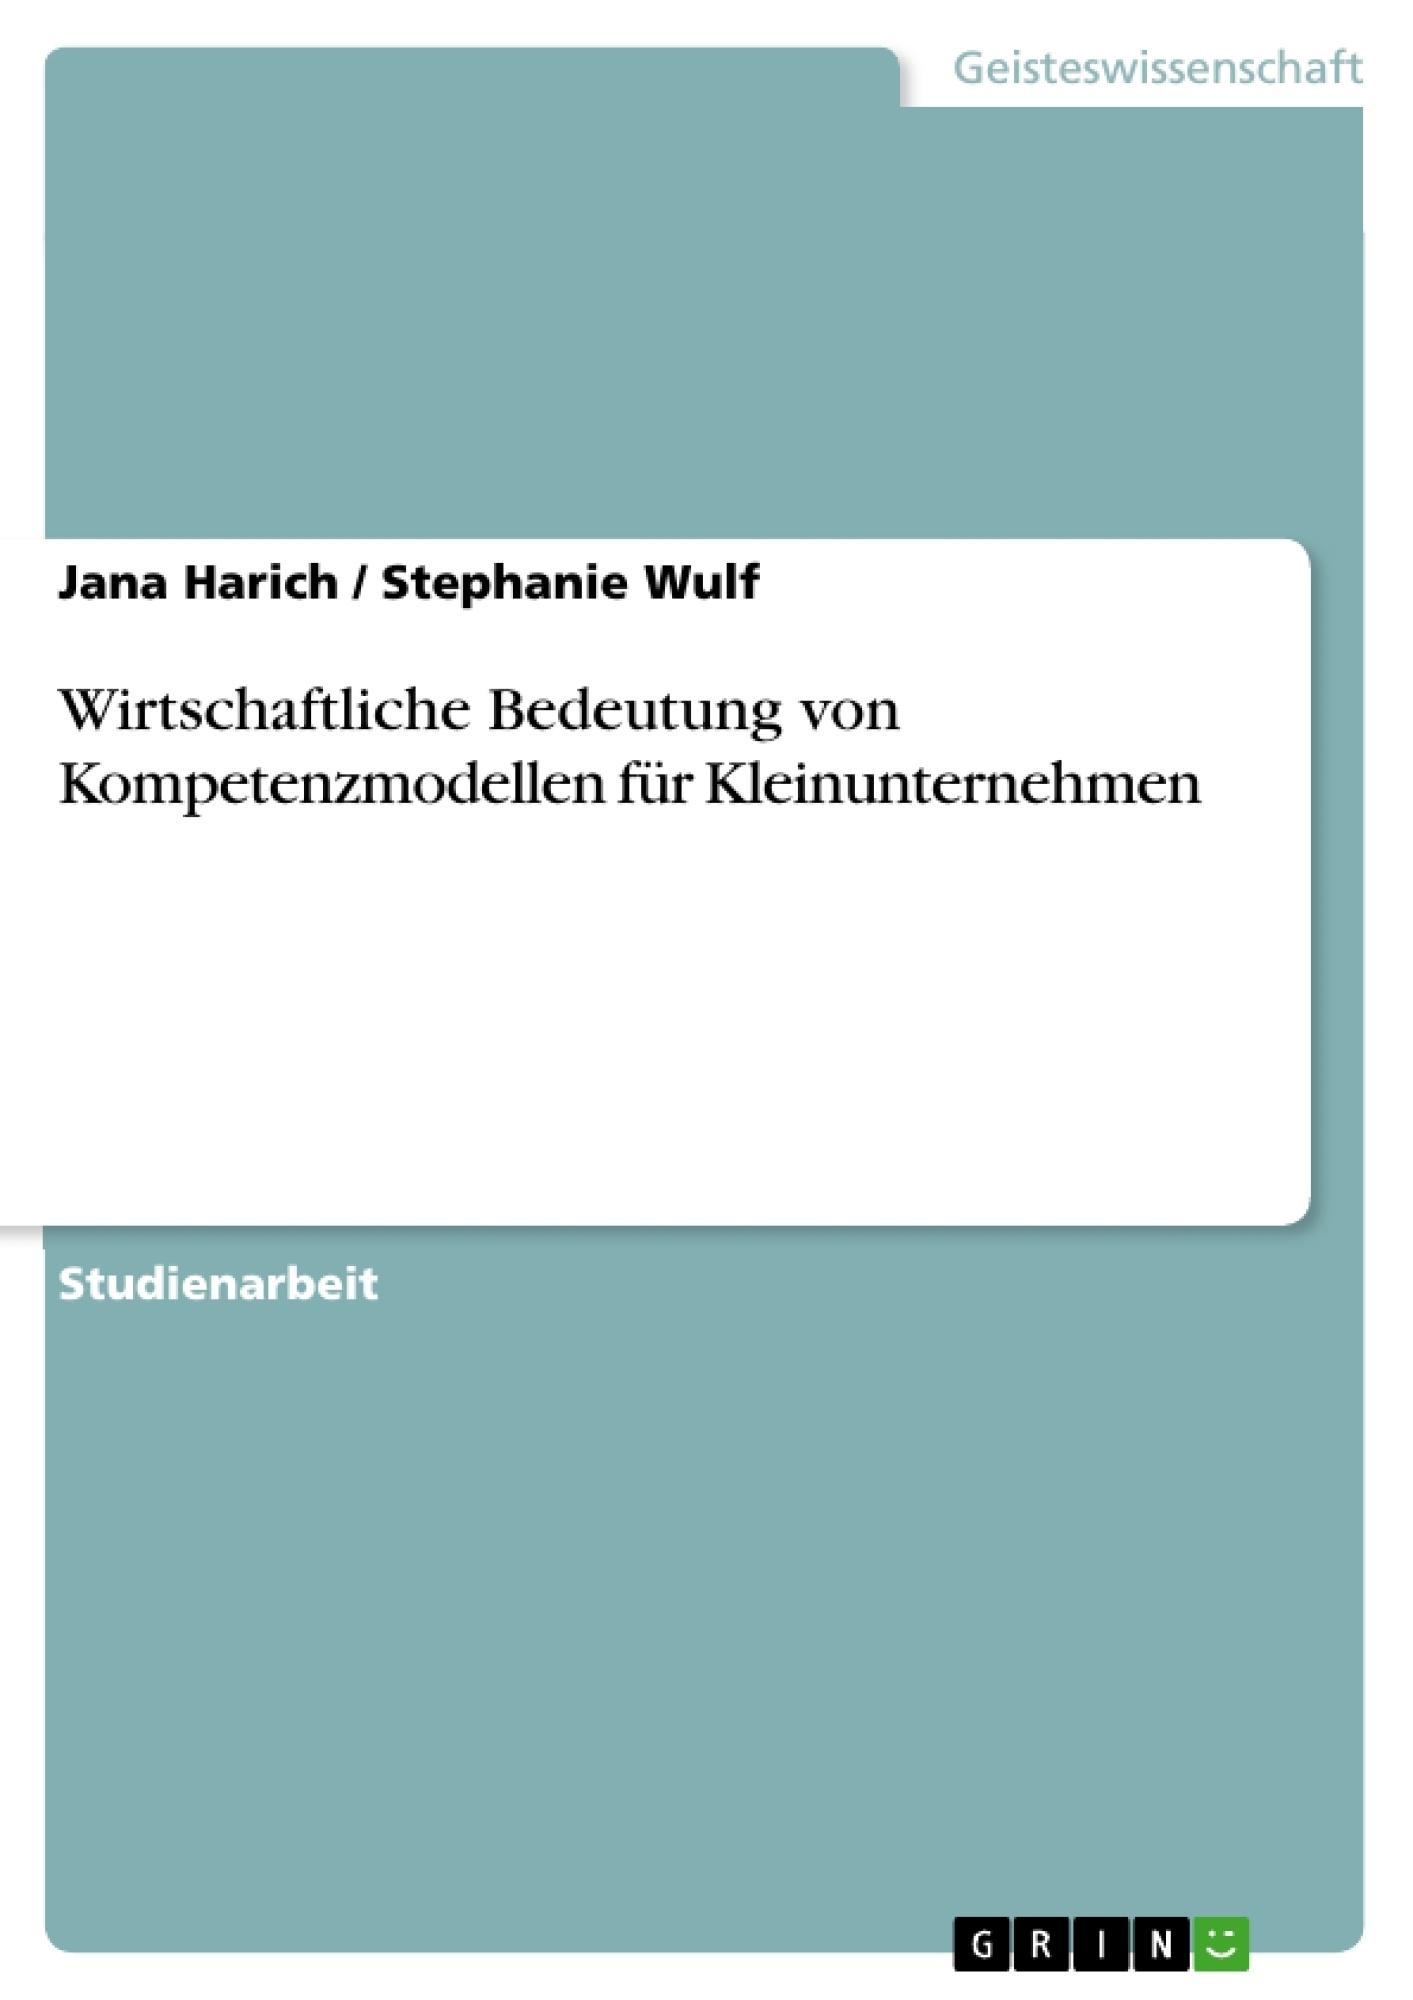 Titel: Wirtschaftliche Bedeutung von Kompetenzmodellen für Kleinunternehmen